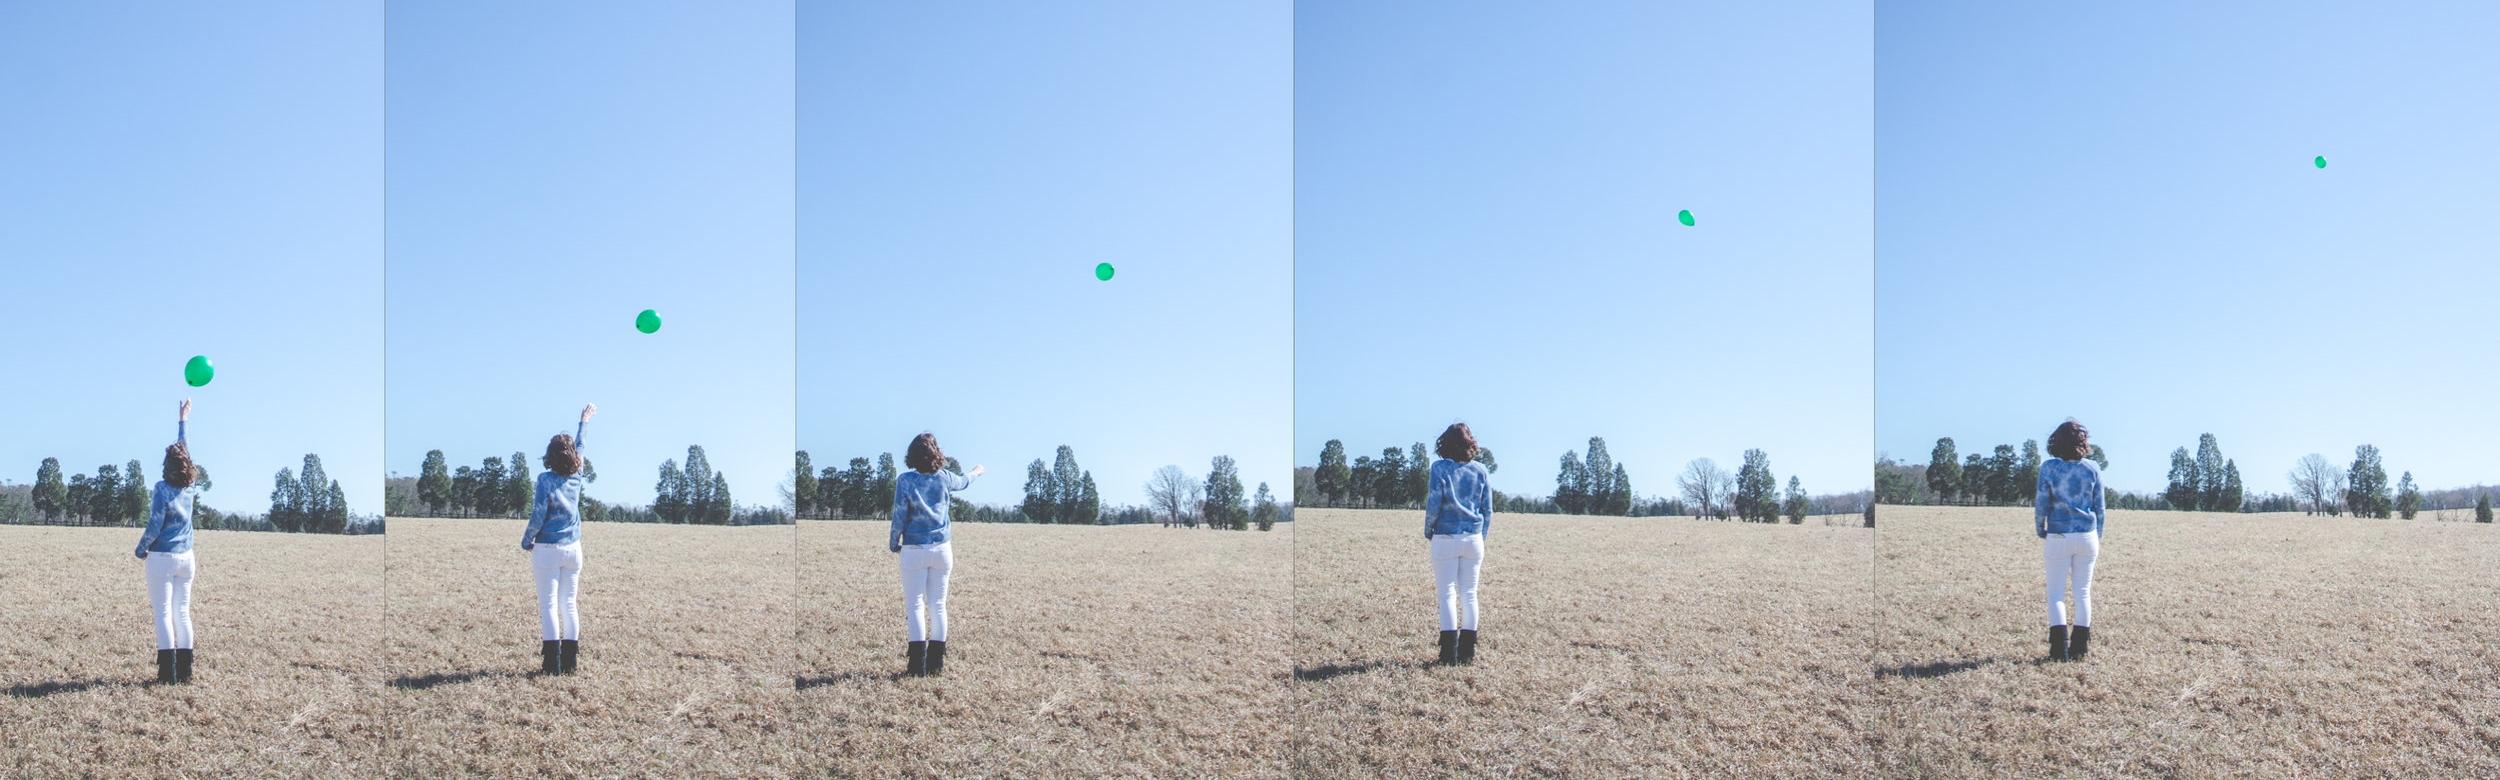 Zachary's Balloon 3.jpg